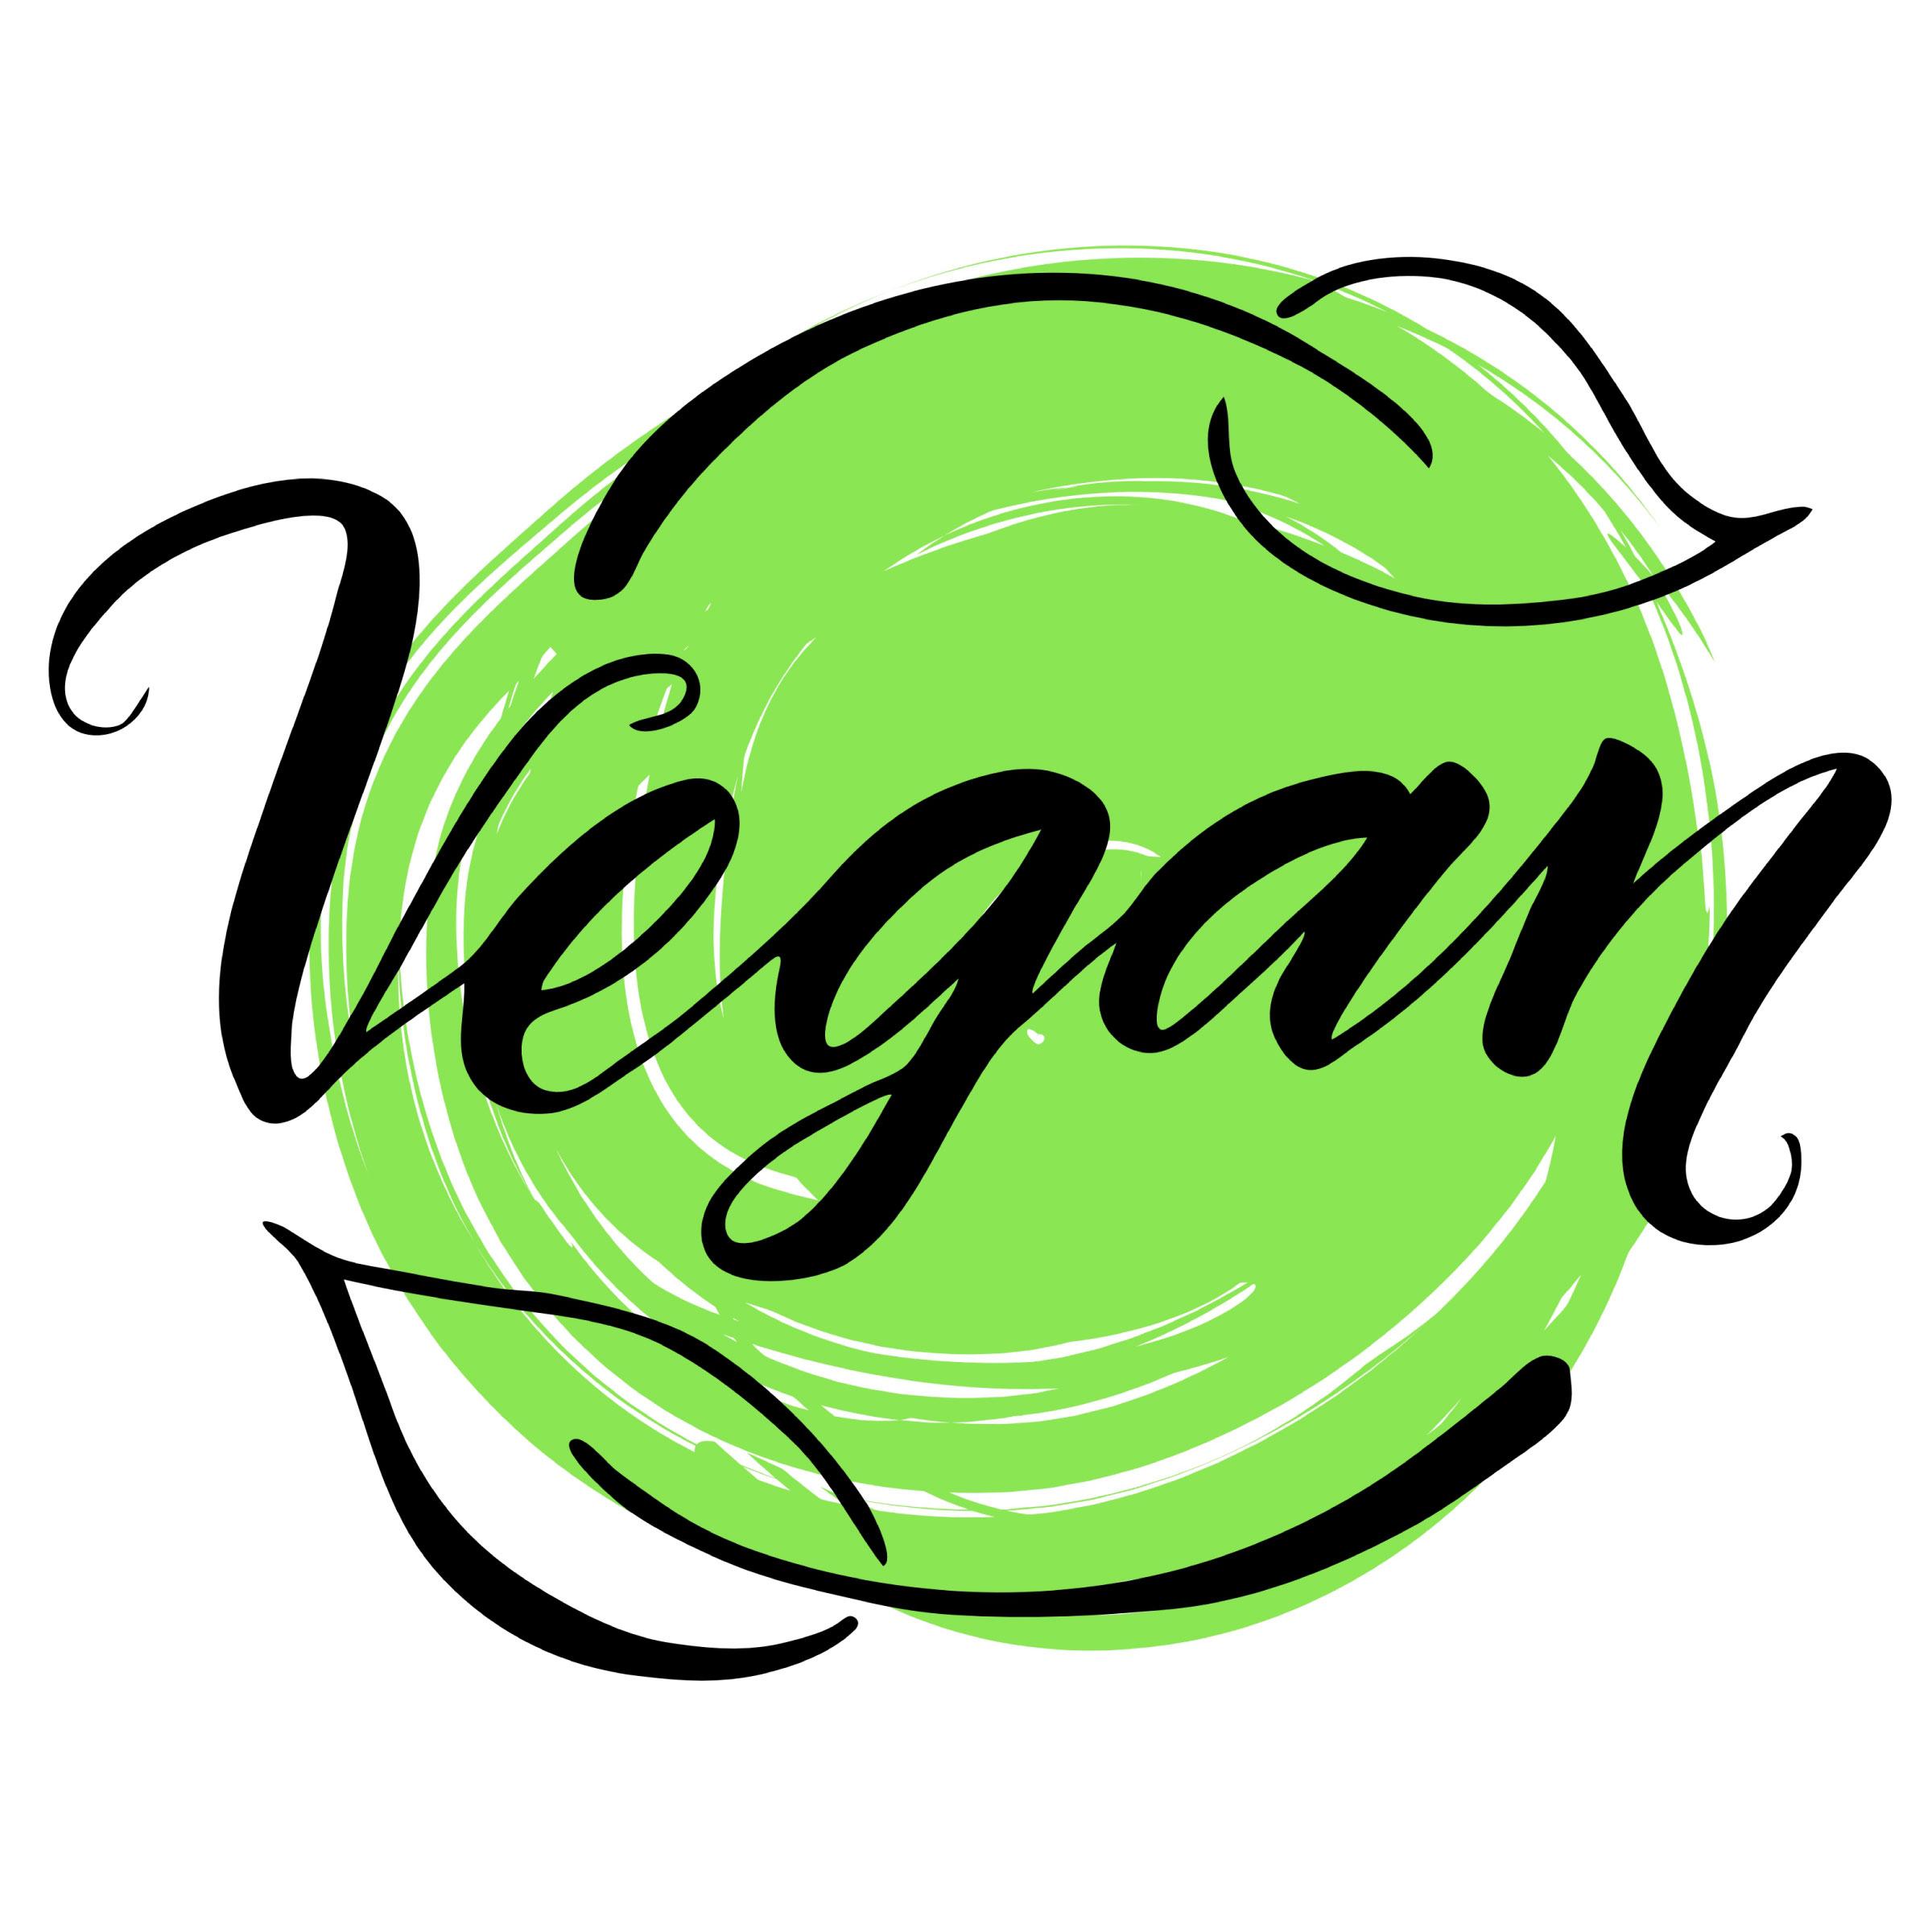 vegan vegetarian